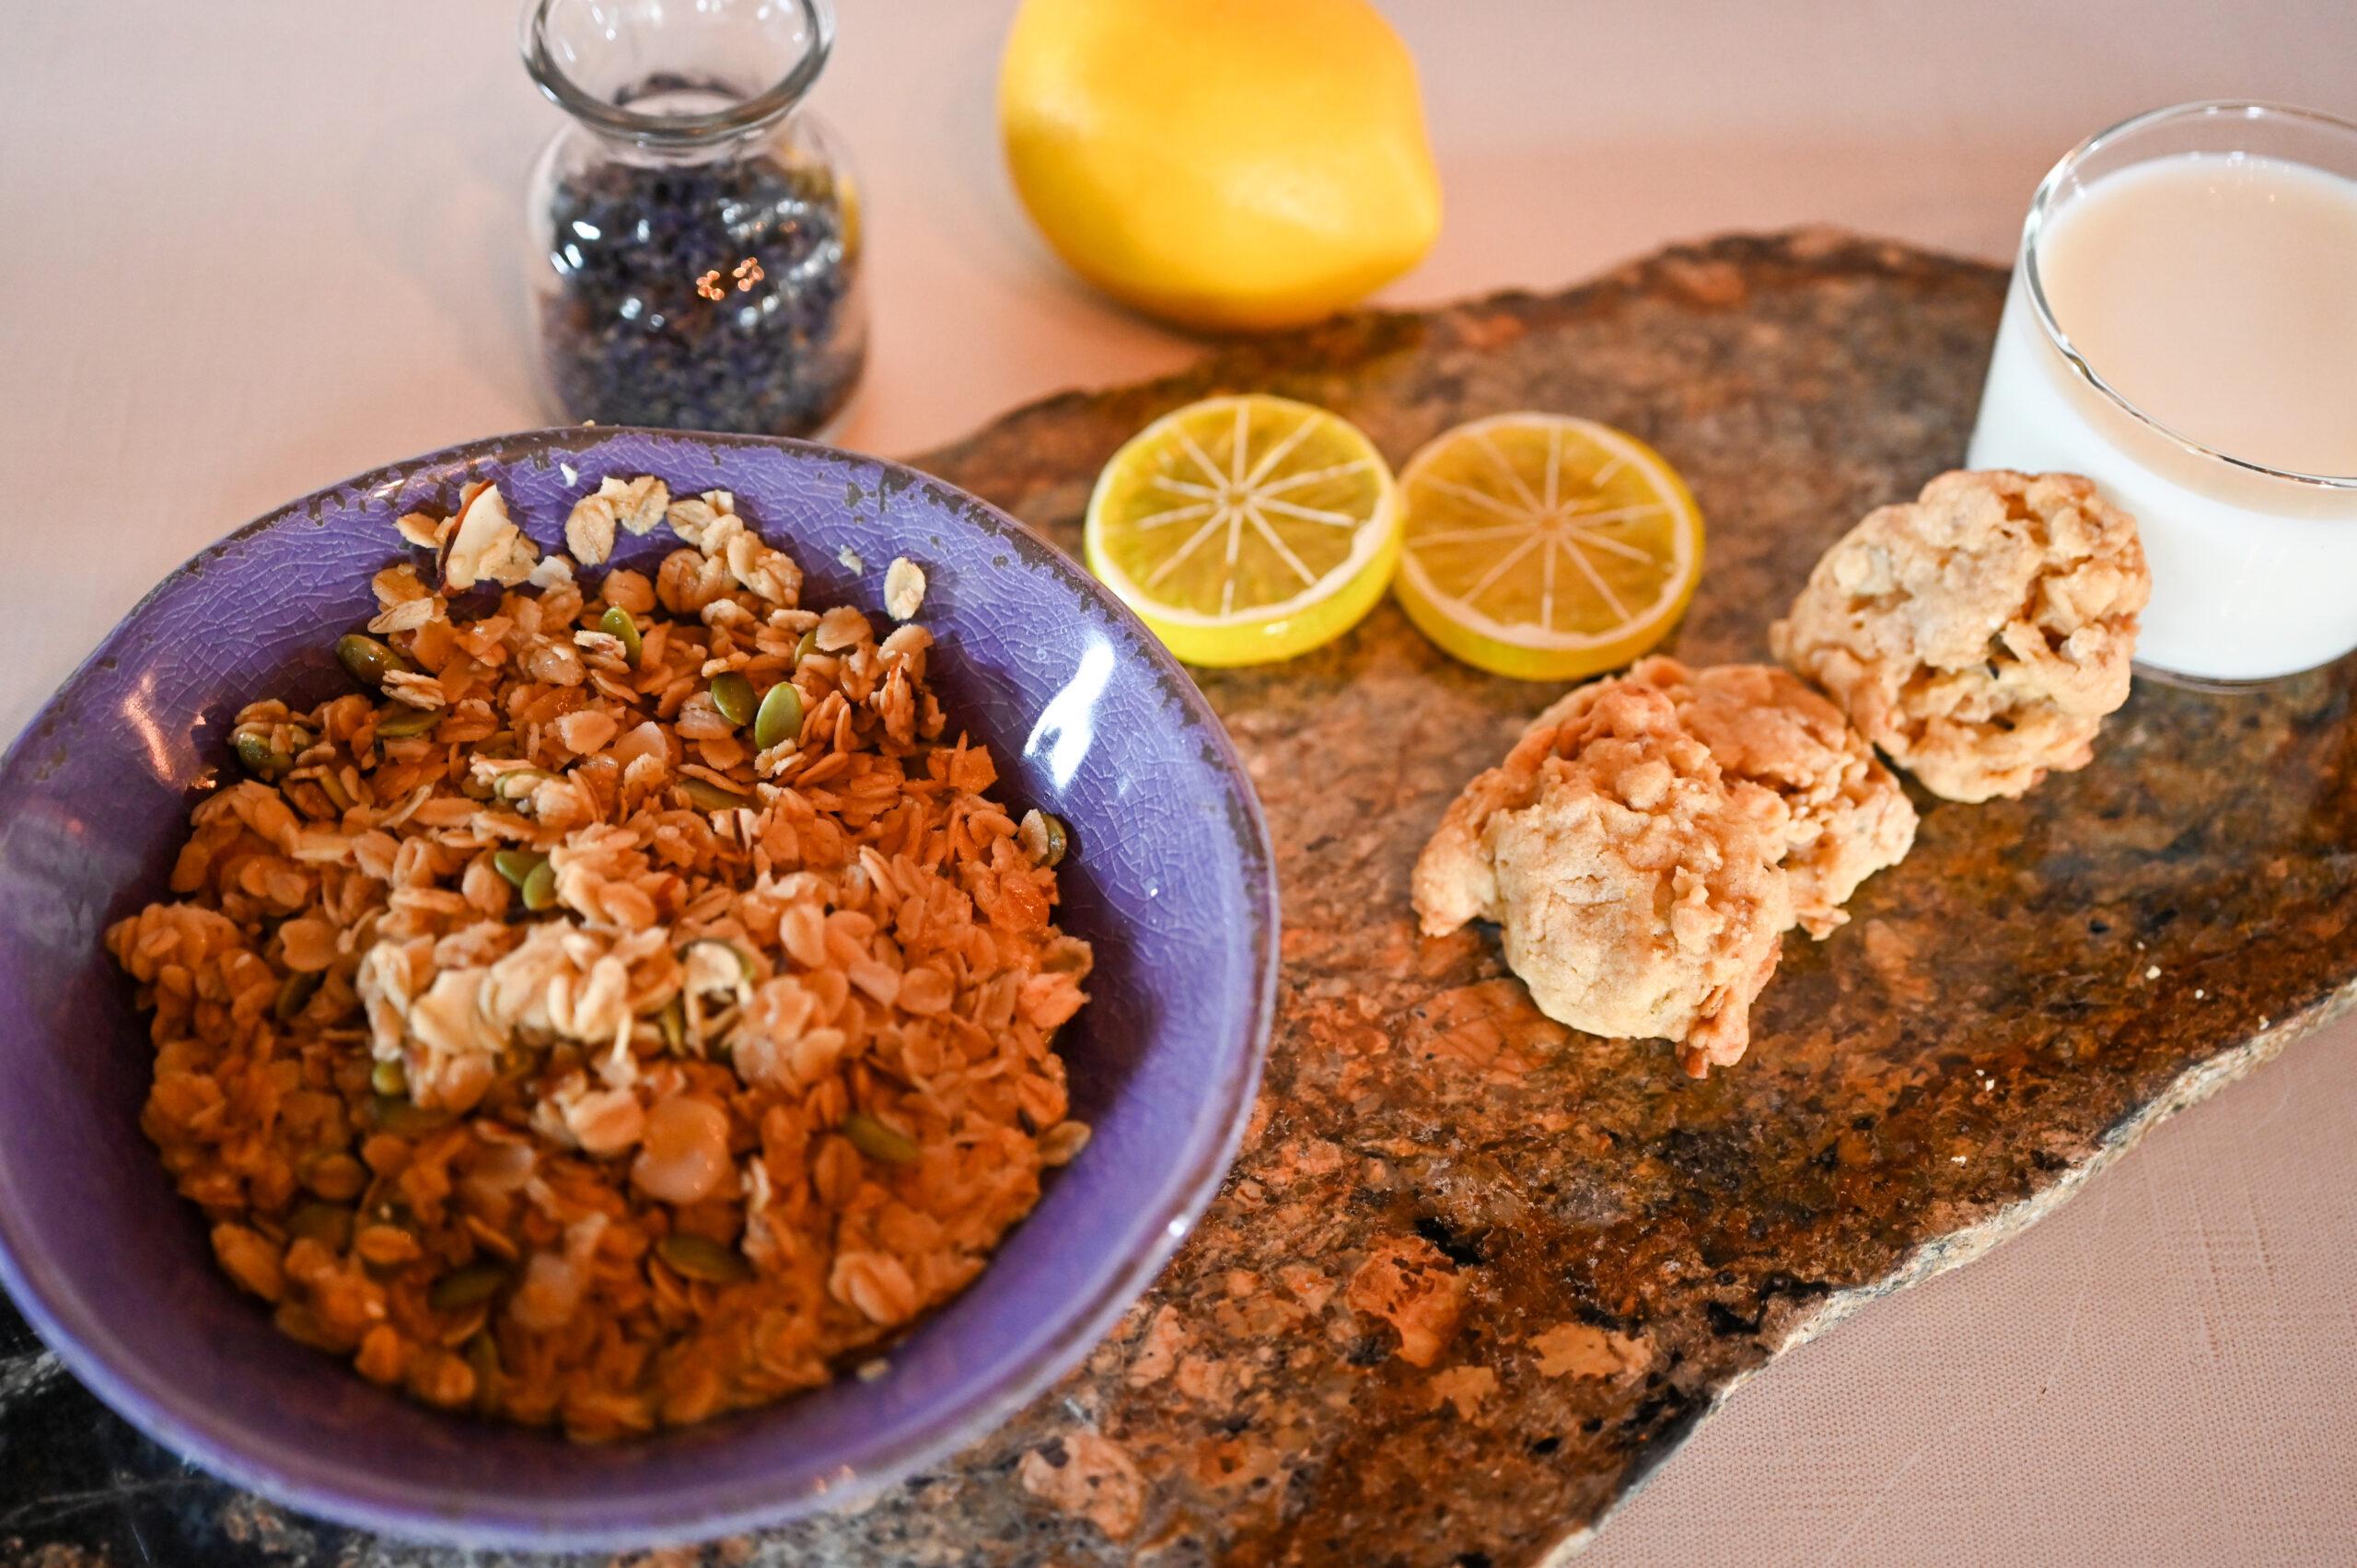 Delicious Lavender Granola Cookies